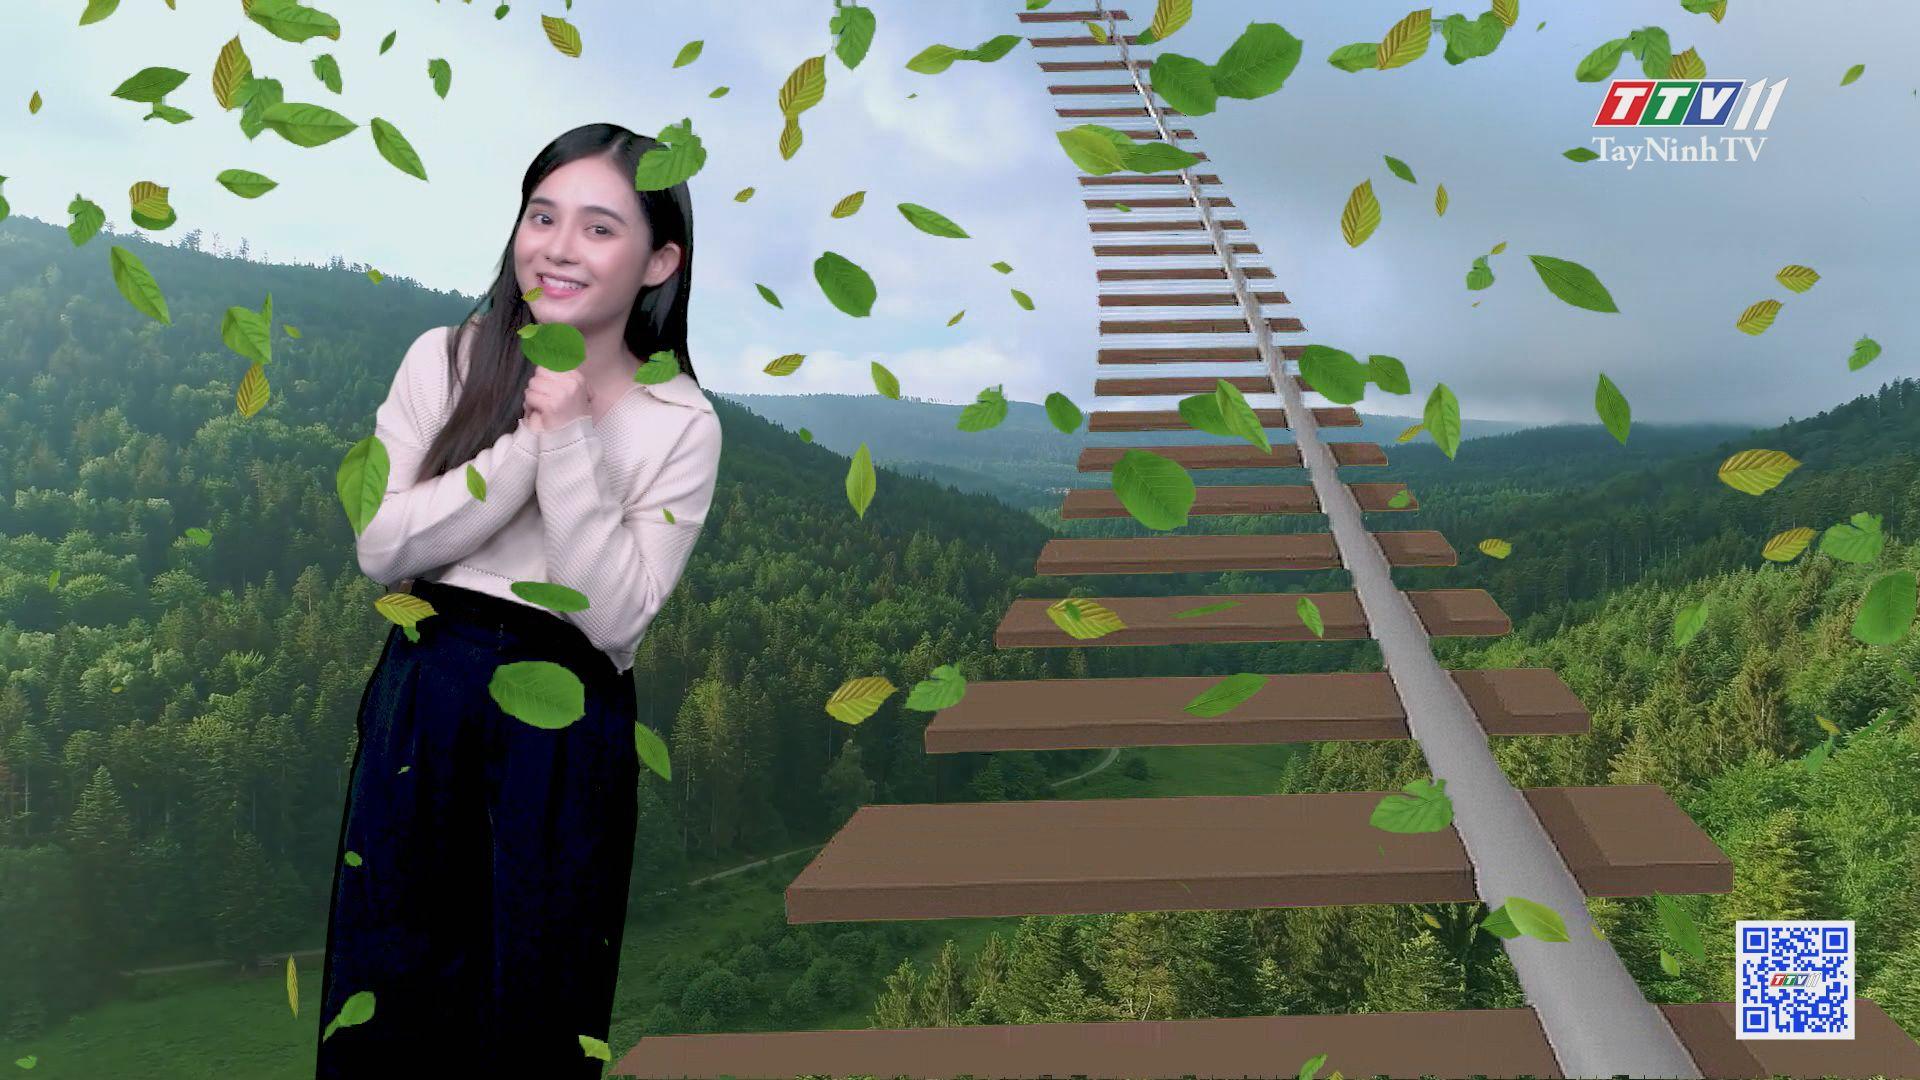 Đường trượt nước dài nhất thế giới xuyên qua rừng rậm | CHUYỆN ĐÔNG TÂY KỲ THÚ | TayNinhTV